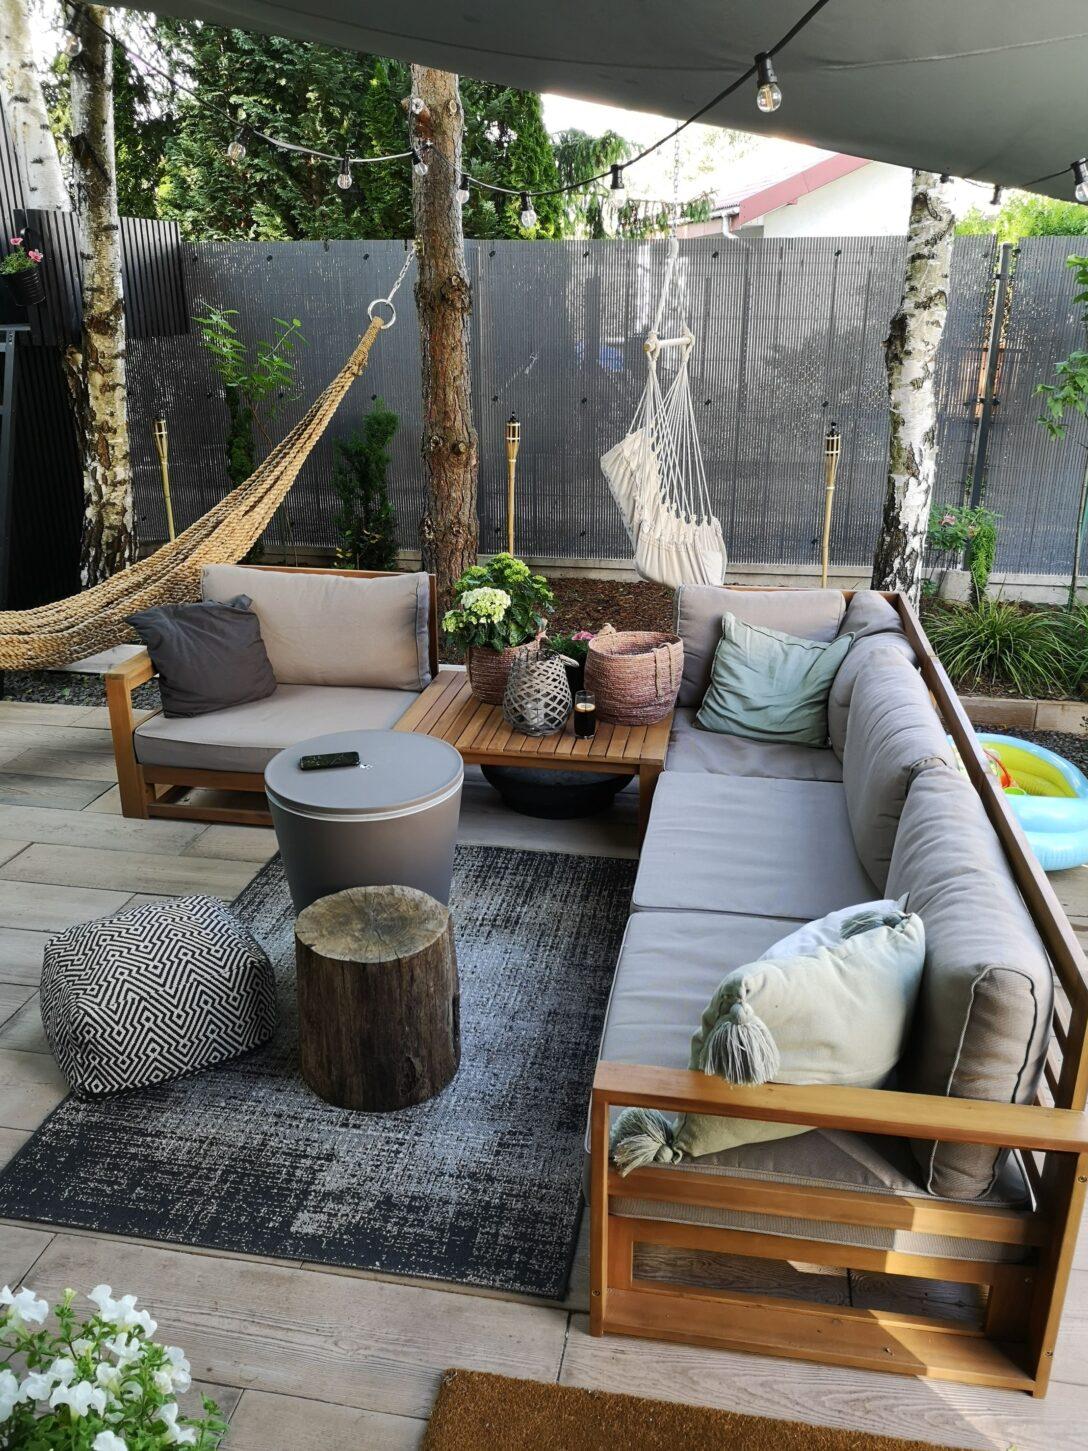 Large Size of Garten Lounge Set Klein Zertifiziertes Holz Timor In 2020 Pavillon Feuerstelle Im Möbel Dusche Komplett Sitzgruppe Bad Komplettset Loungemöbel Trennwand Wohnzimmer Garten Lounge Set Klein